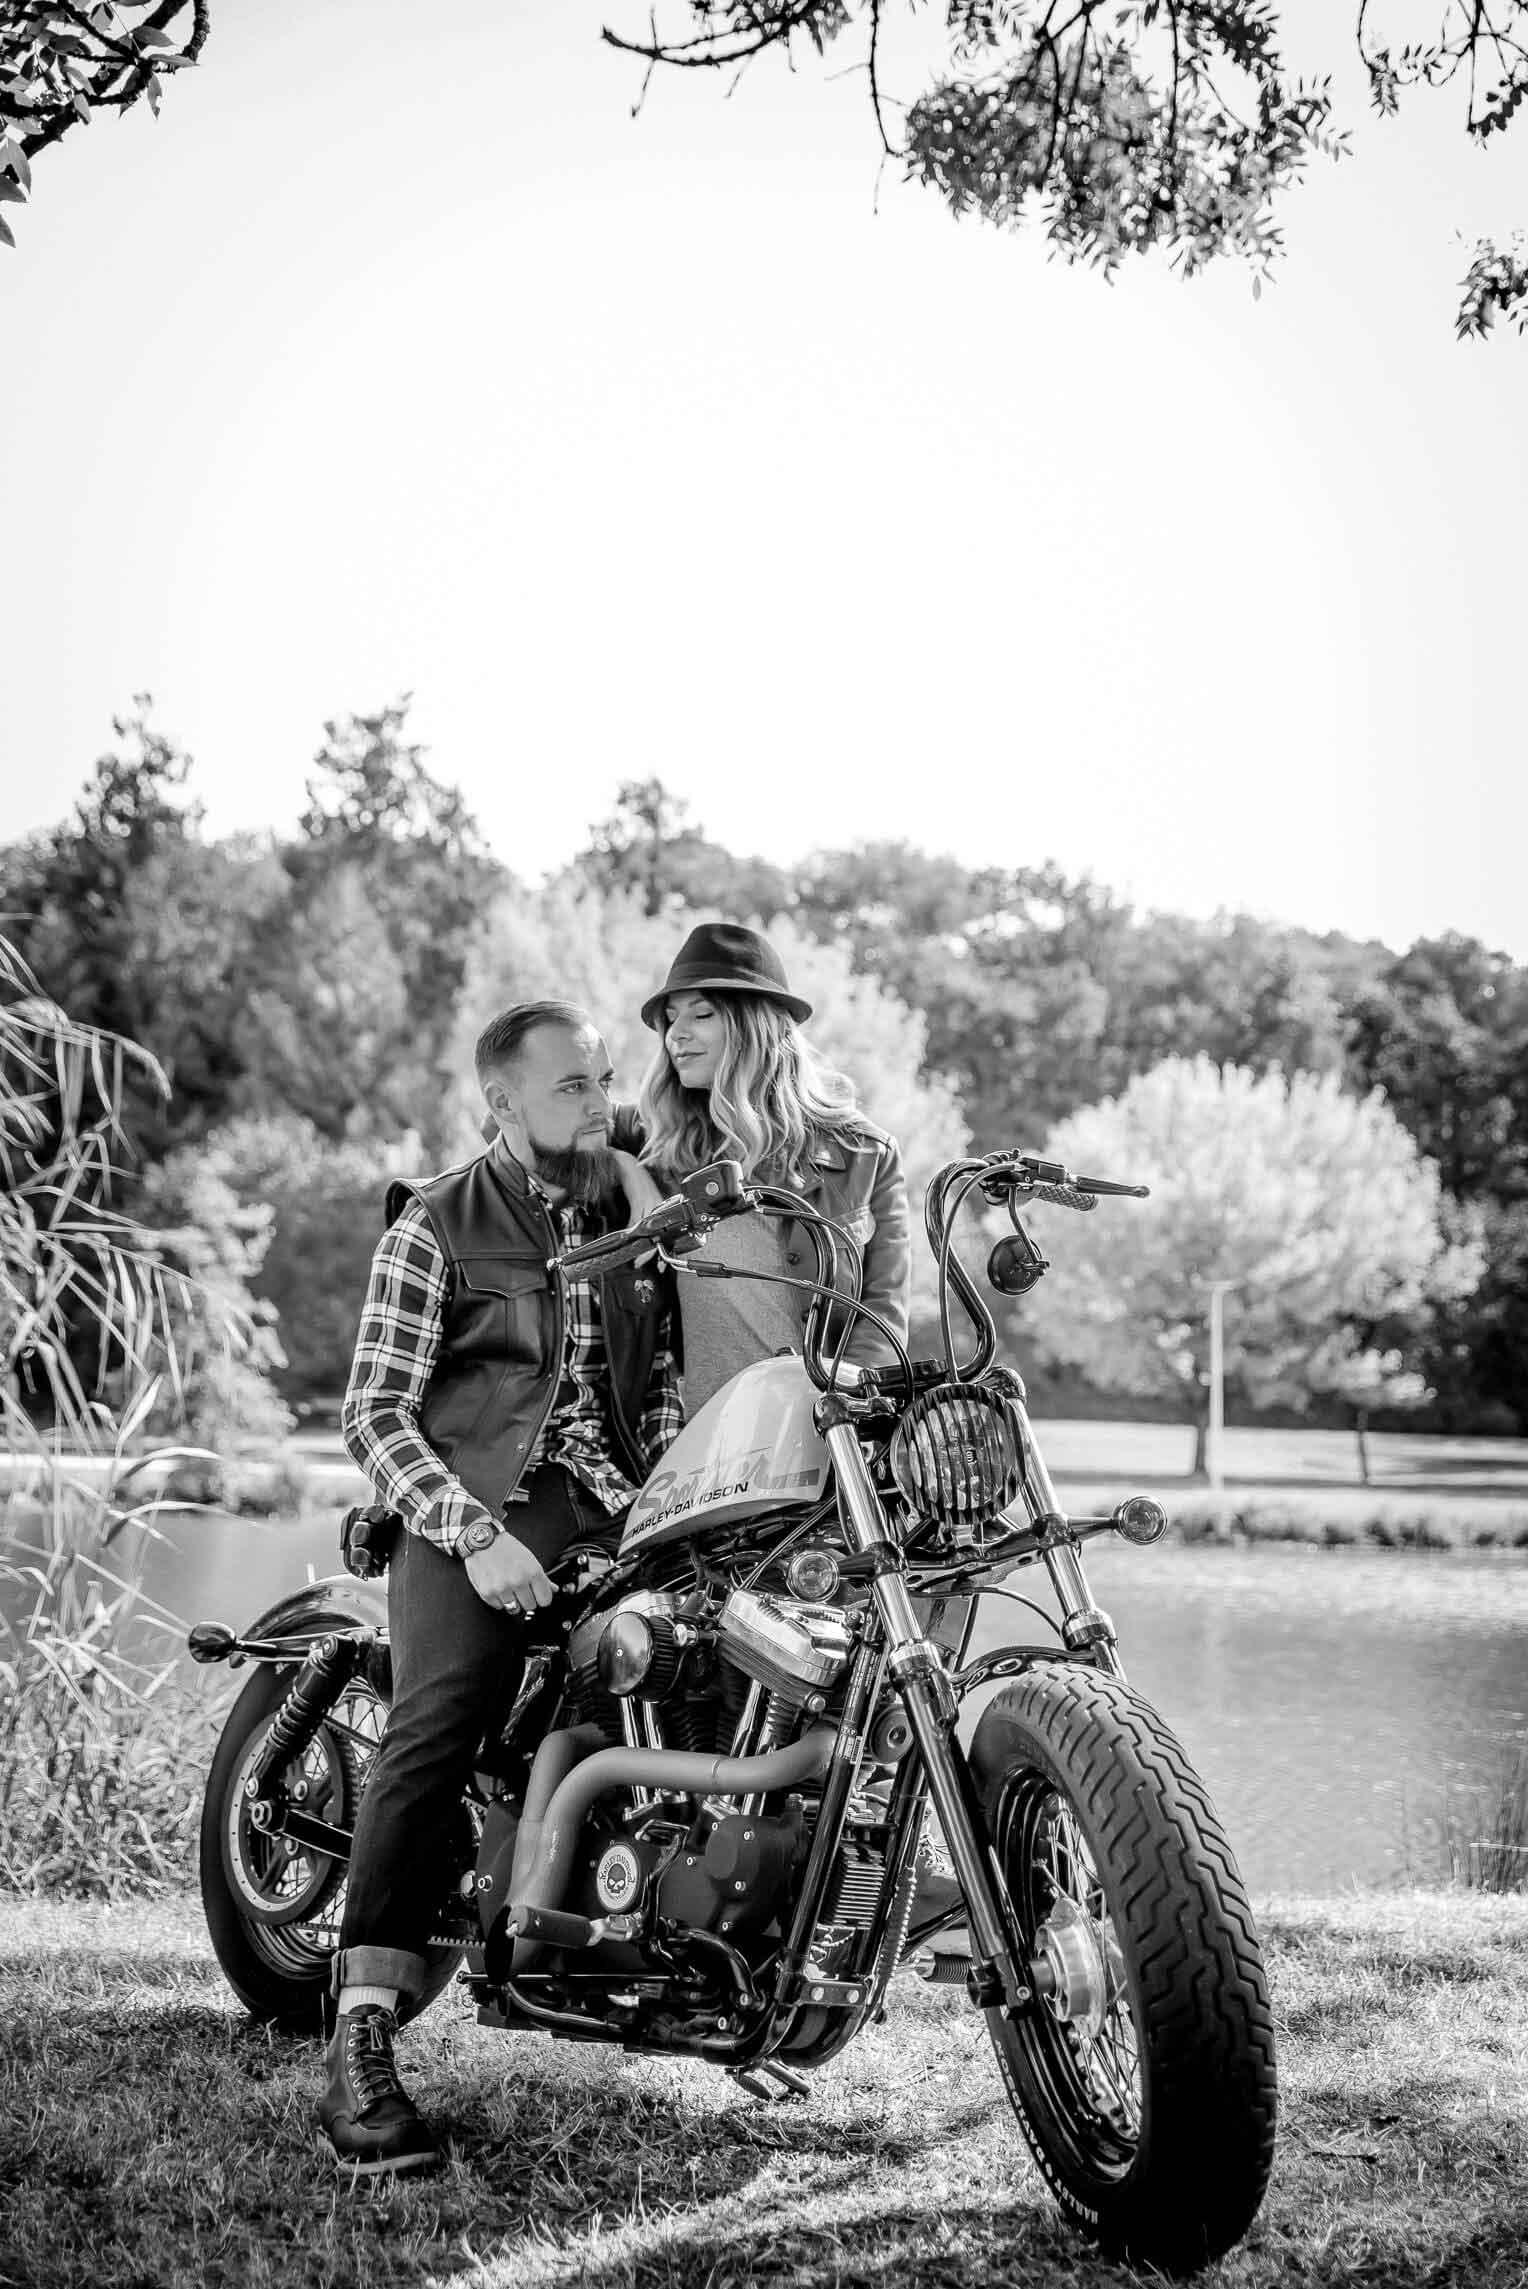 Lovers en moto Harley Davidson n&b